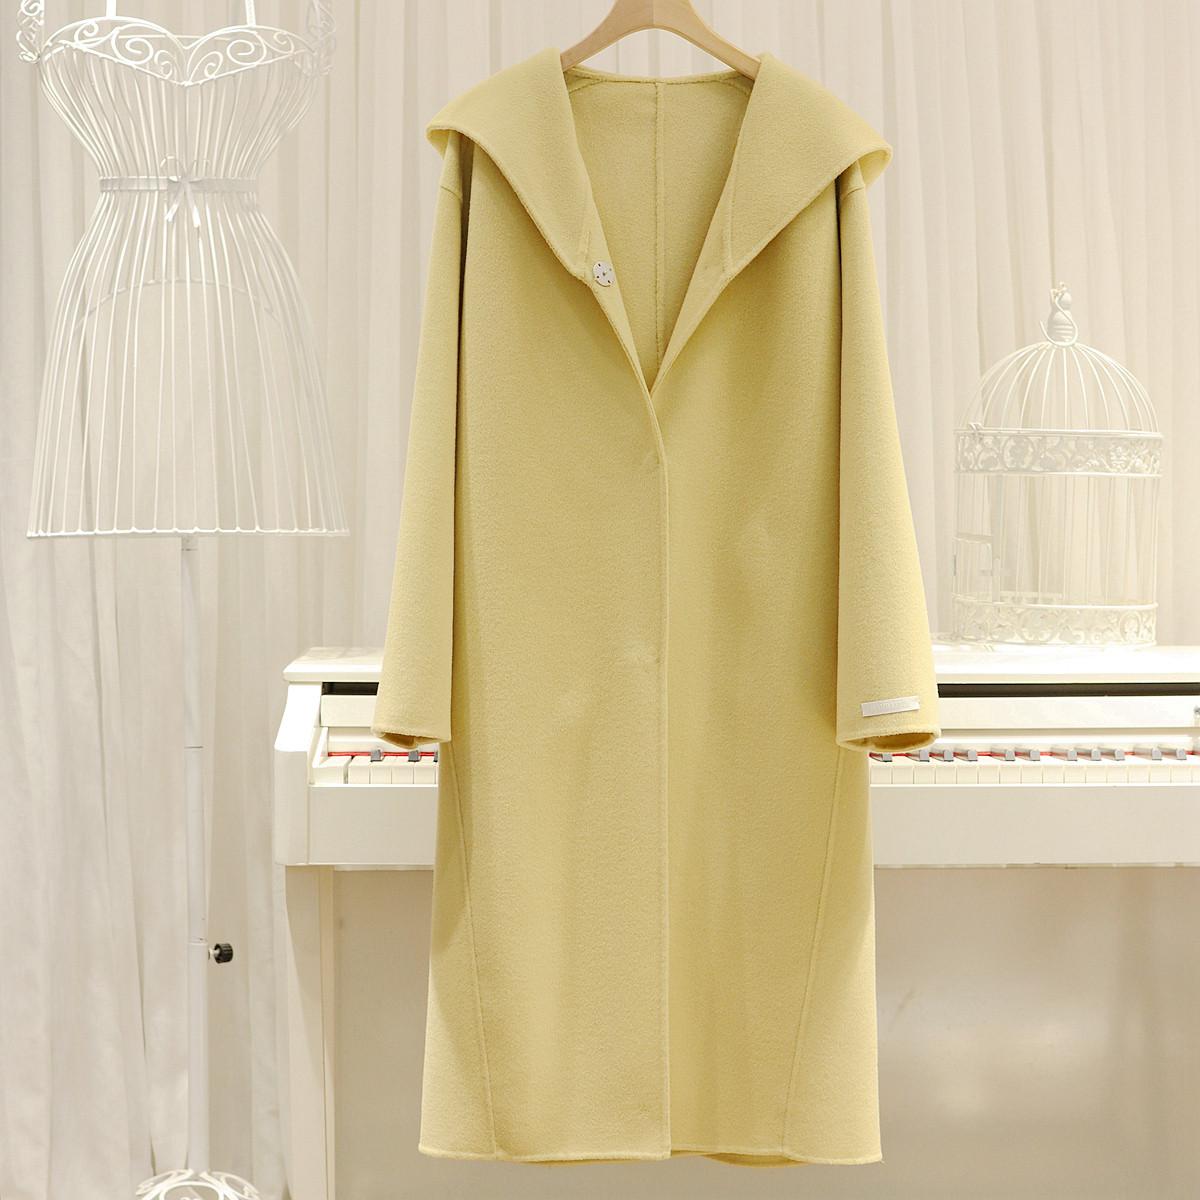 Hàn Quốc 19 new ins gà màu vàng phô mai màu trùm đầu dài hai mặt khâu áo khoác len - Áo Hàn Quốc